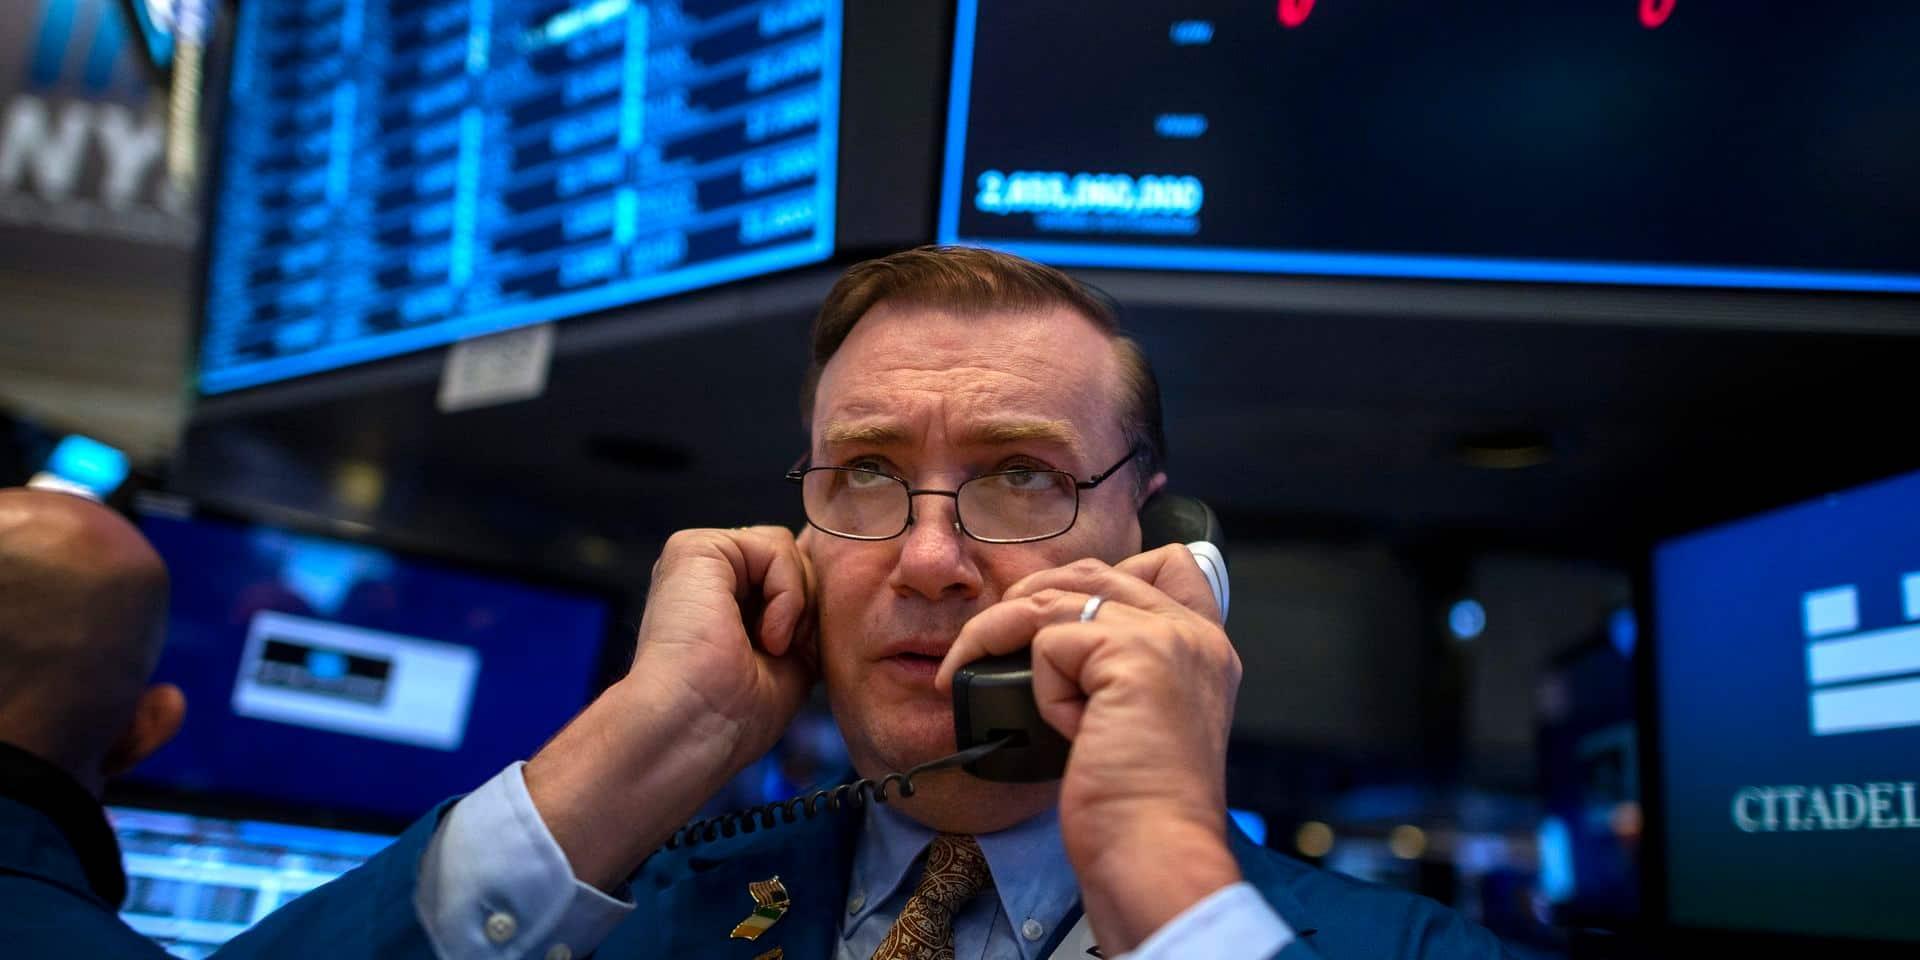 L'oeil du marché : un recul européen sur fond de Brexit dur et de guerre commerciale